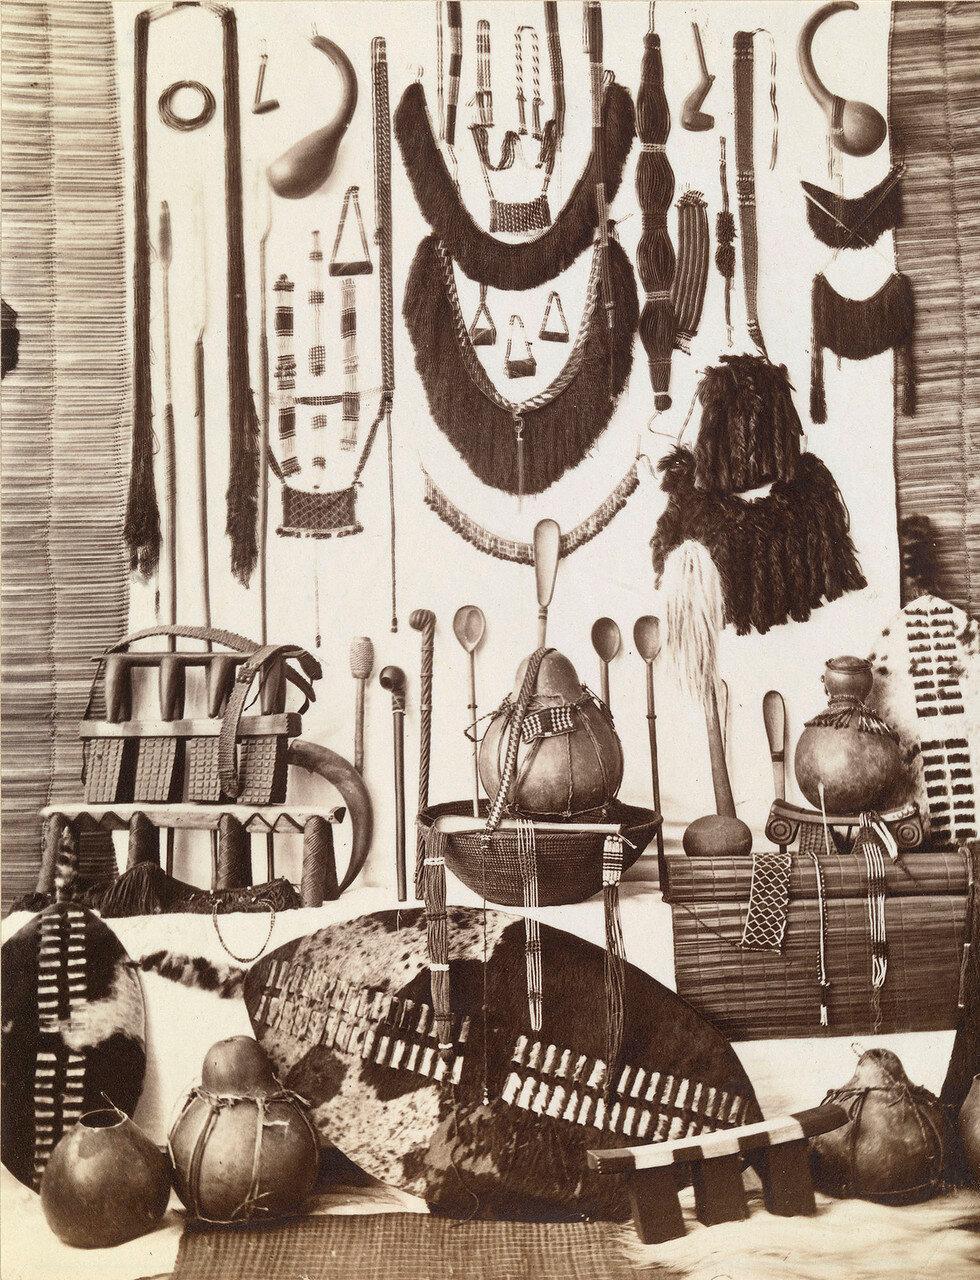 Предметы, принадлежащие  зулусам, включая оружие, украшения и бытовые вещи